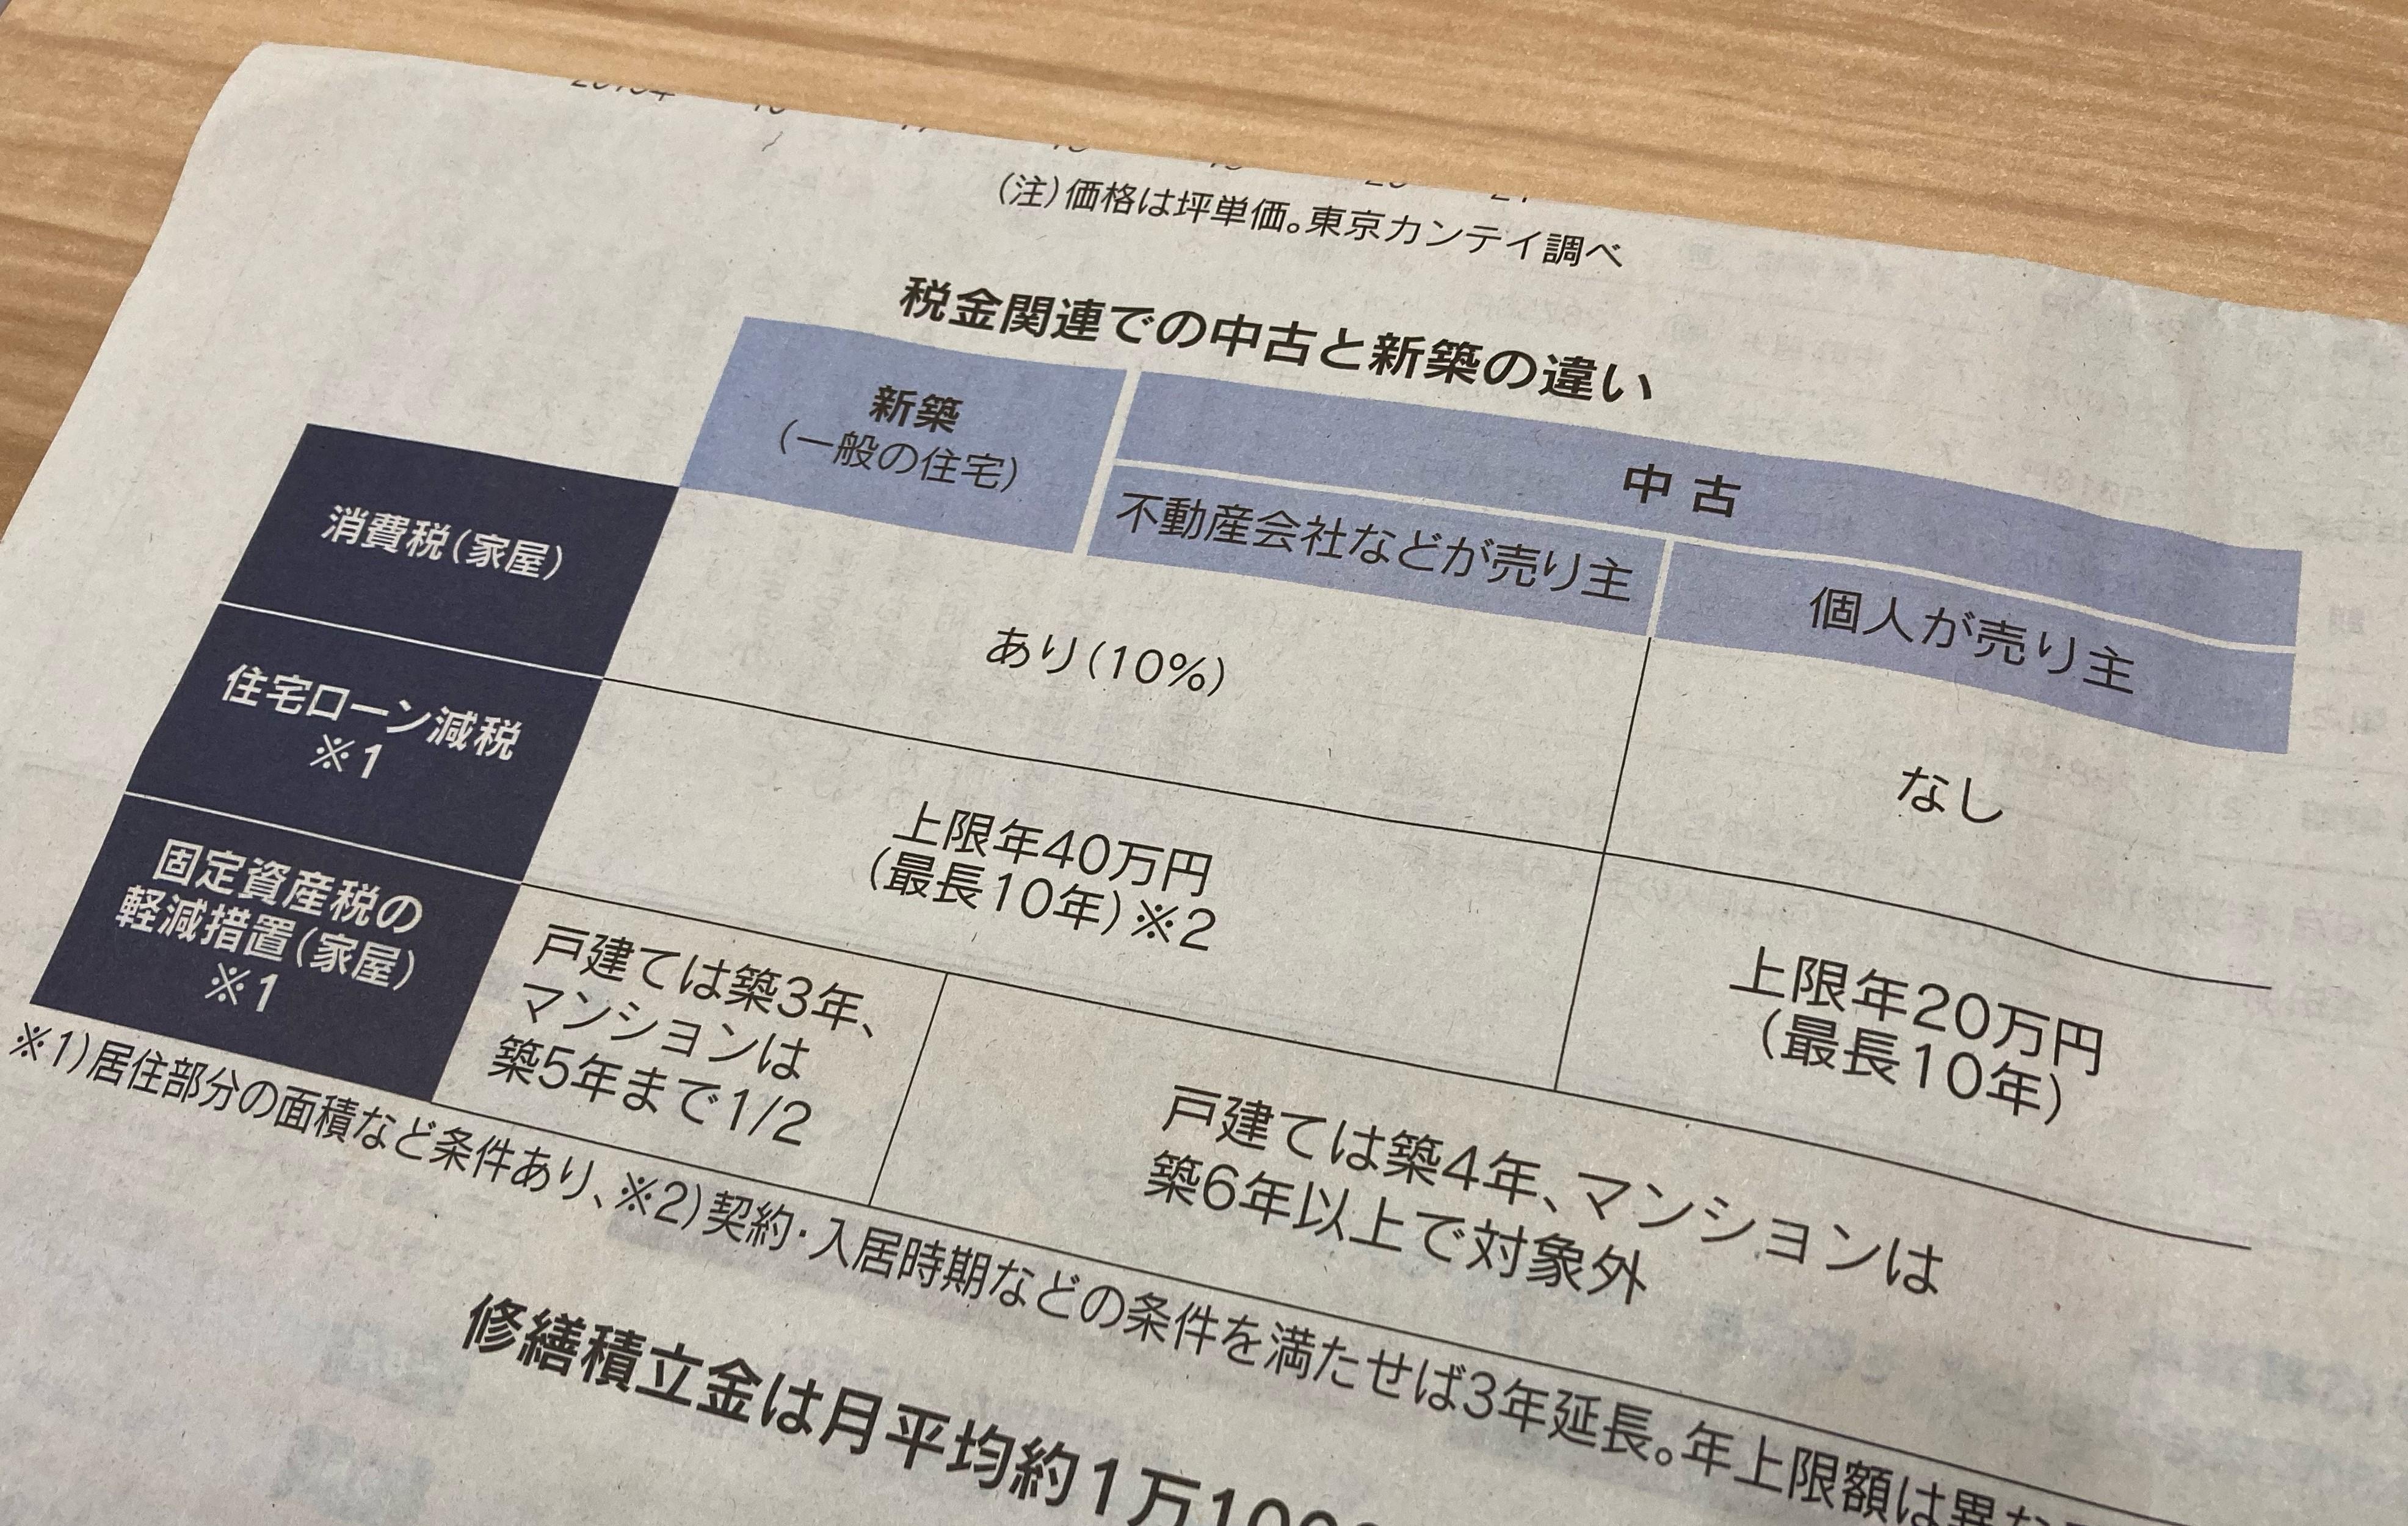 日本経済新聞に中古マンション購入の心得という記事が掲載されていた